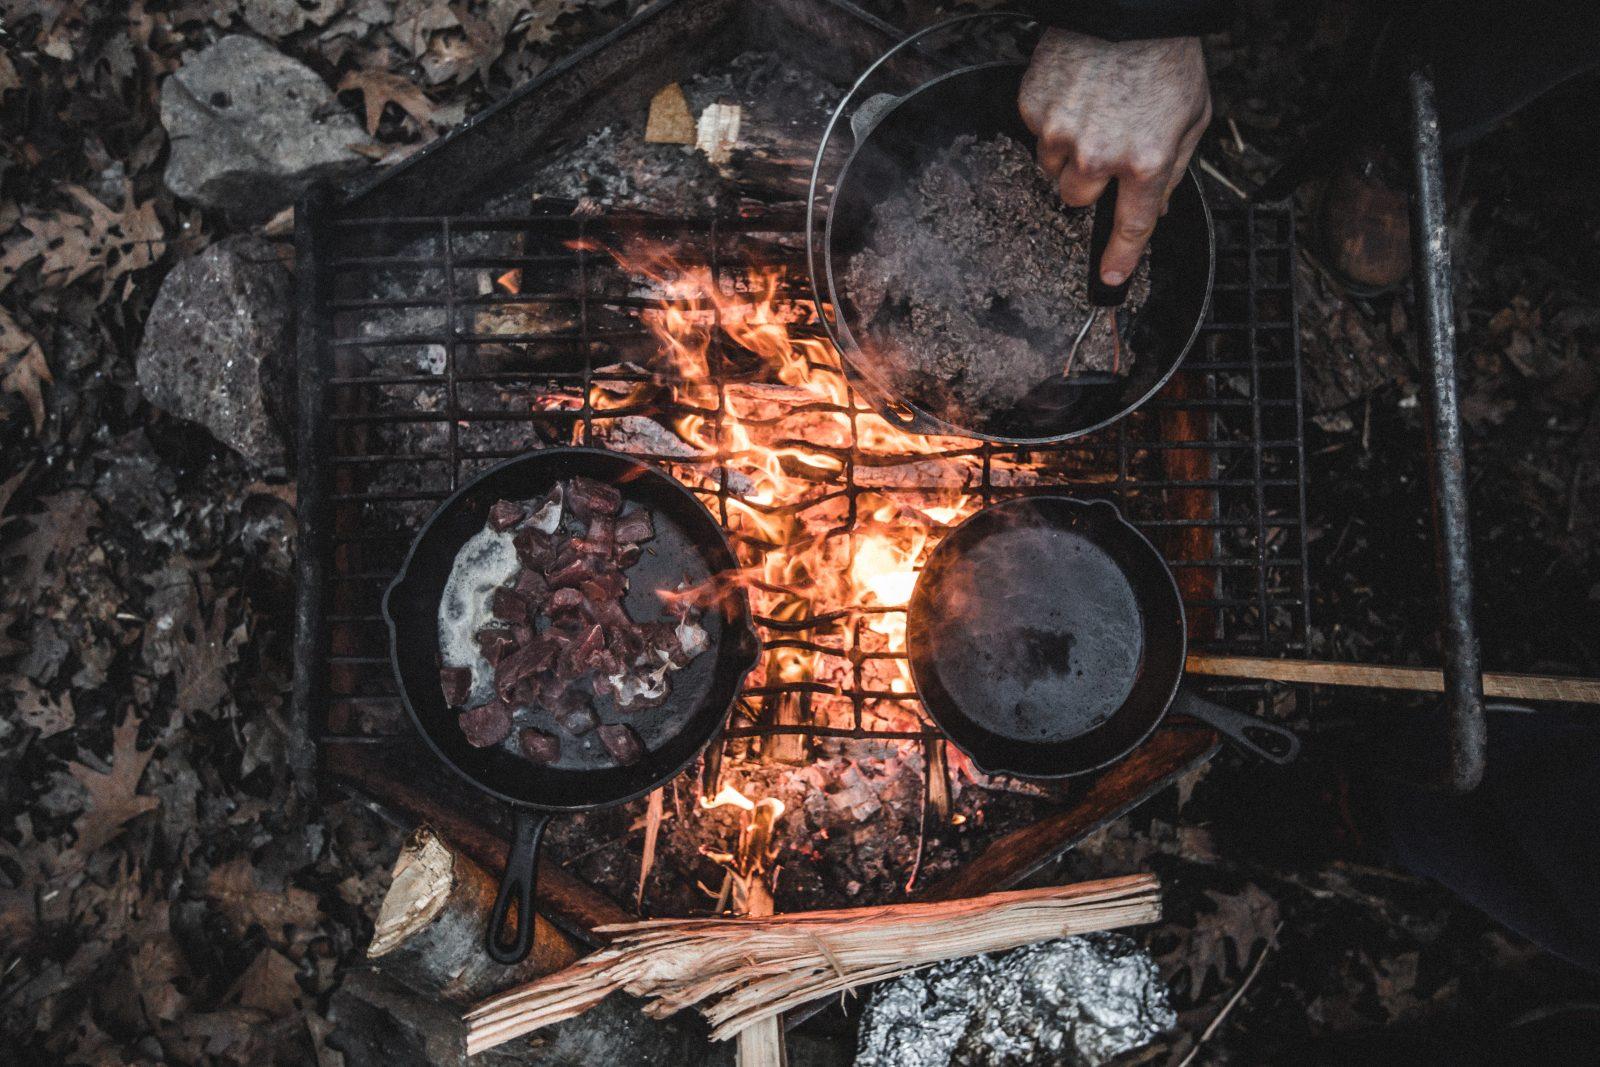 Mejores conjuntos de utensilios de cocina para mochileros